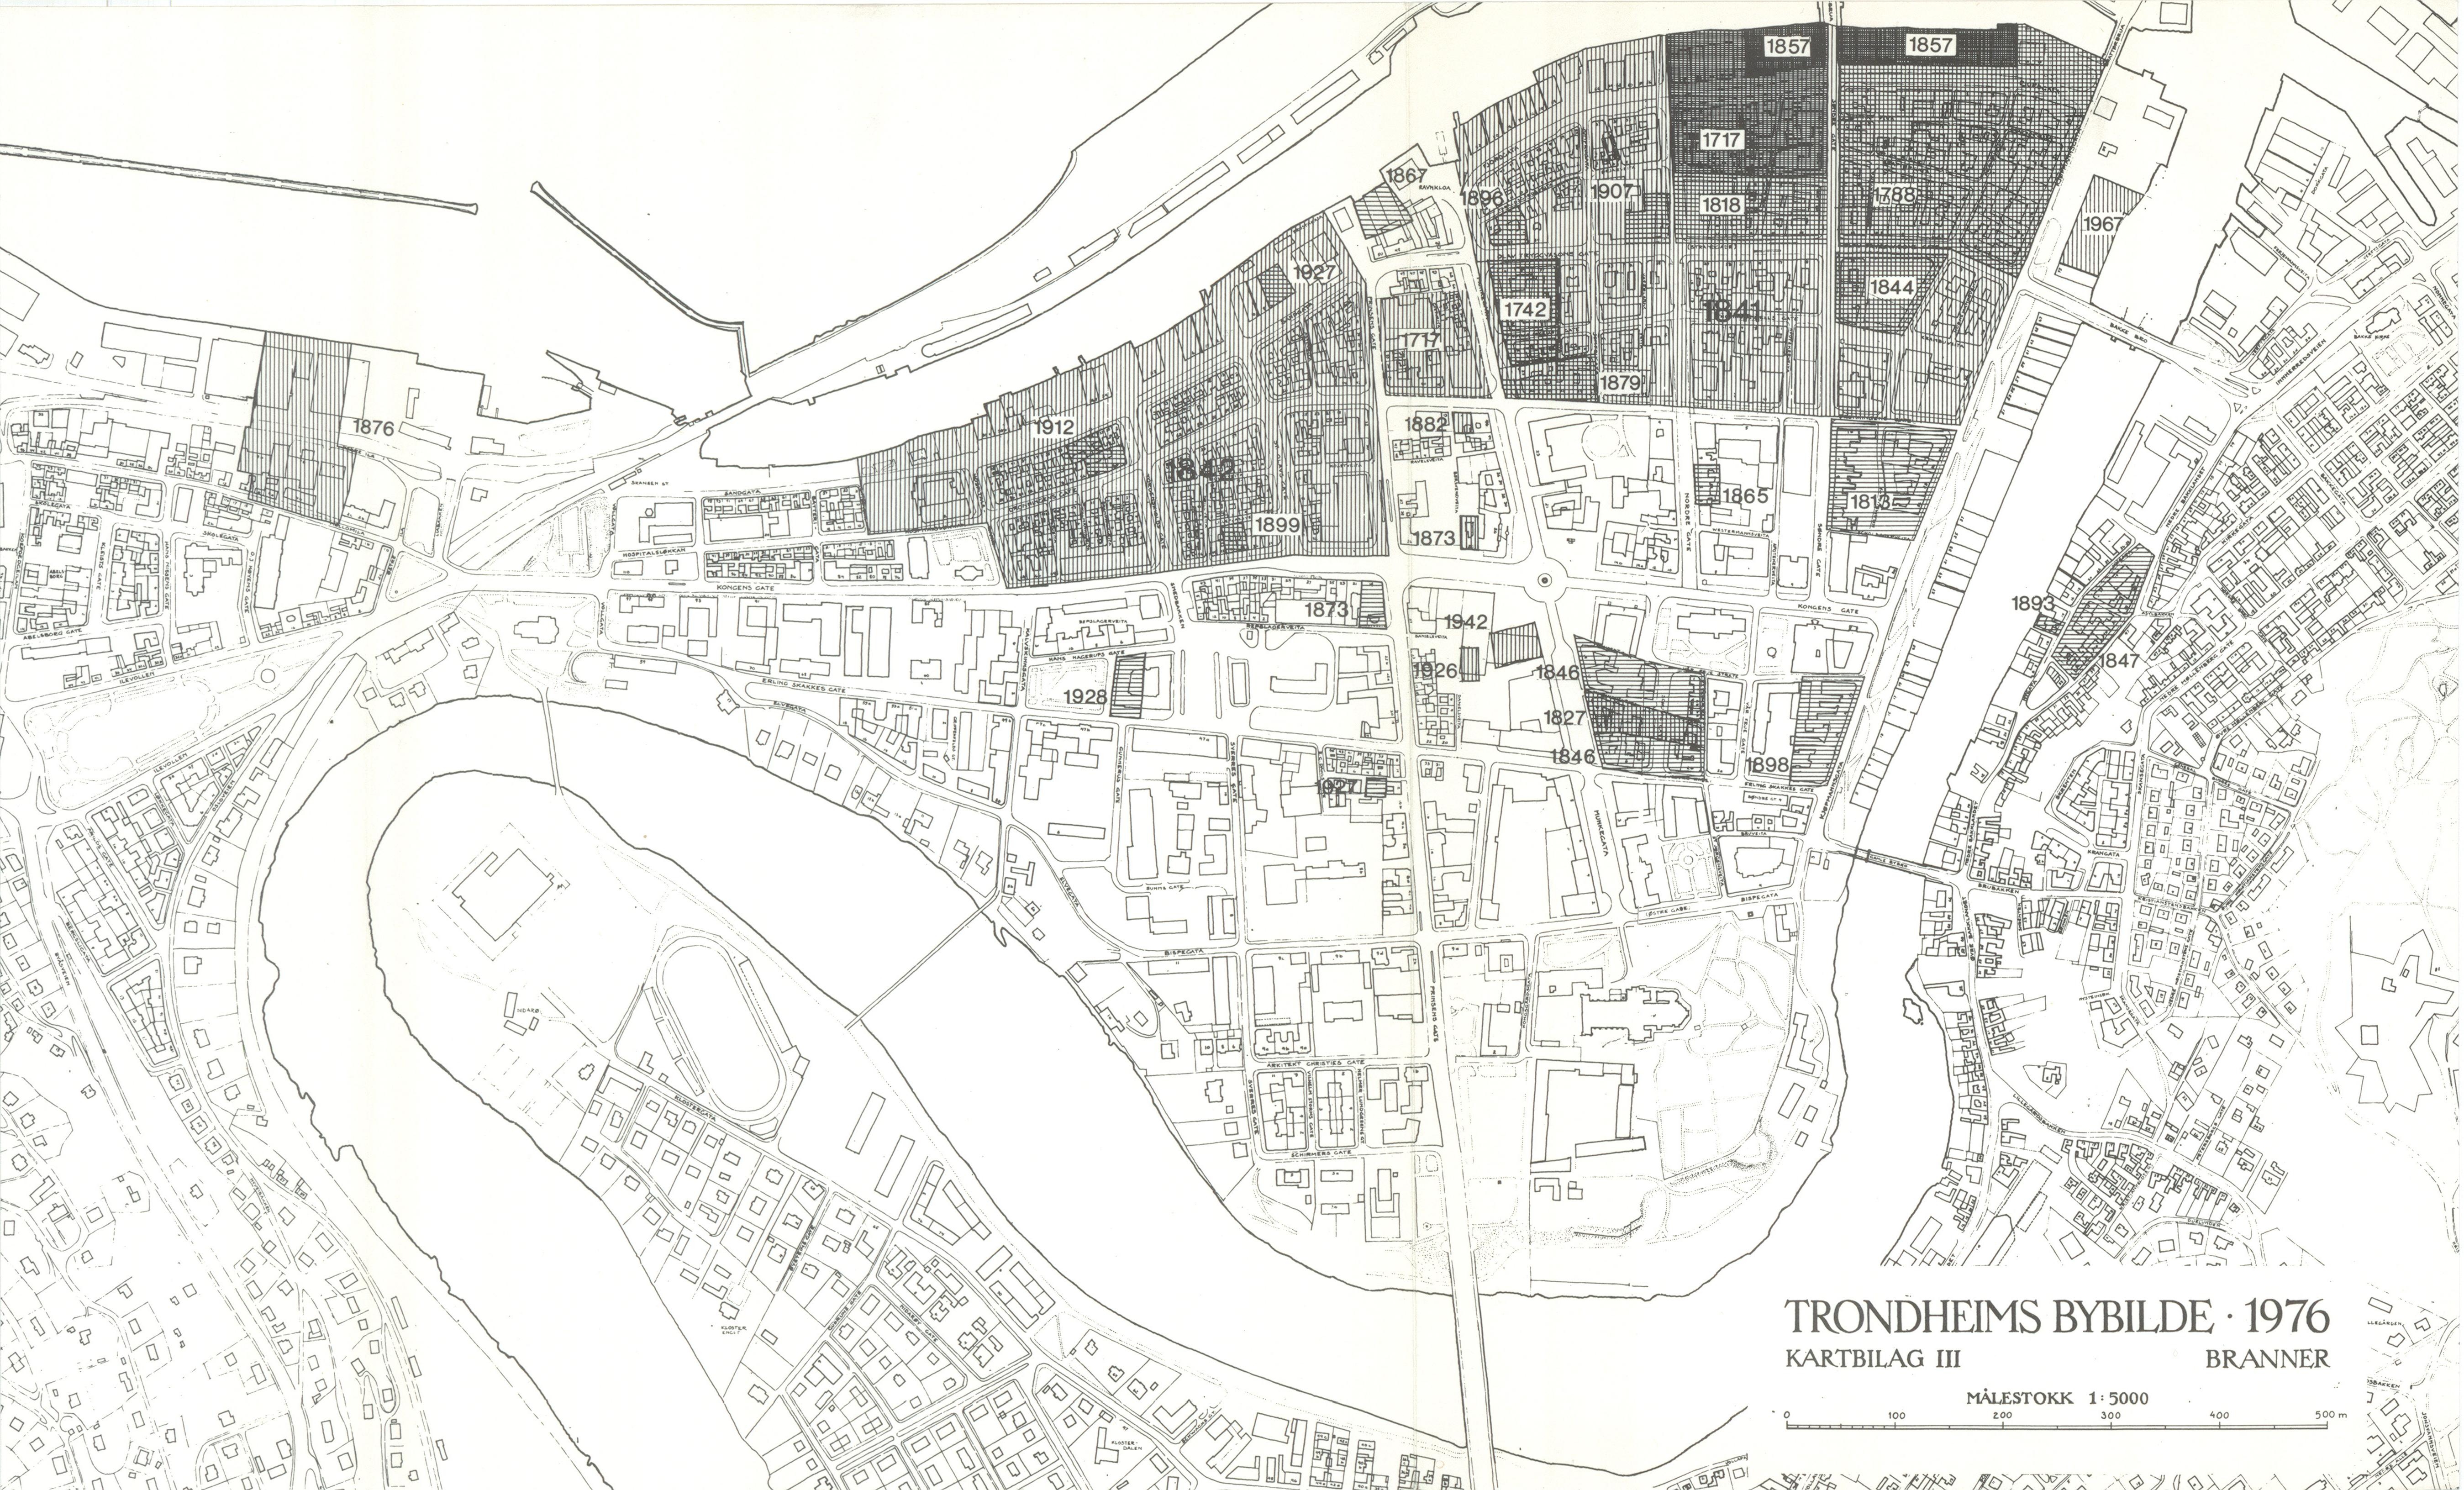 1818 kart File:Kart over bybranner fram til 1976   Trondheims bybilde (1976  1818 kart